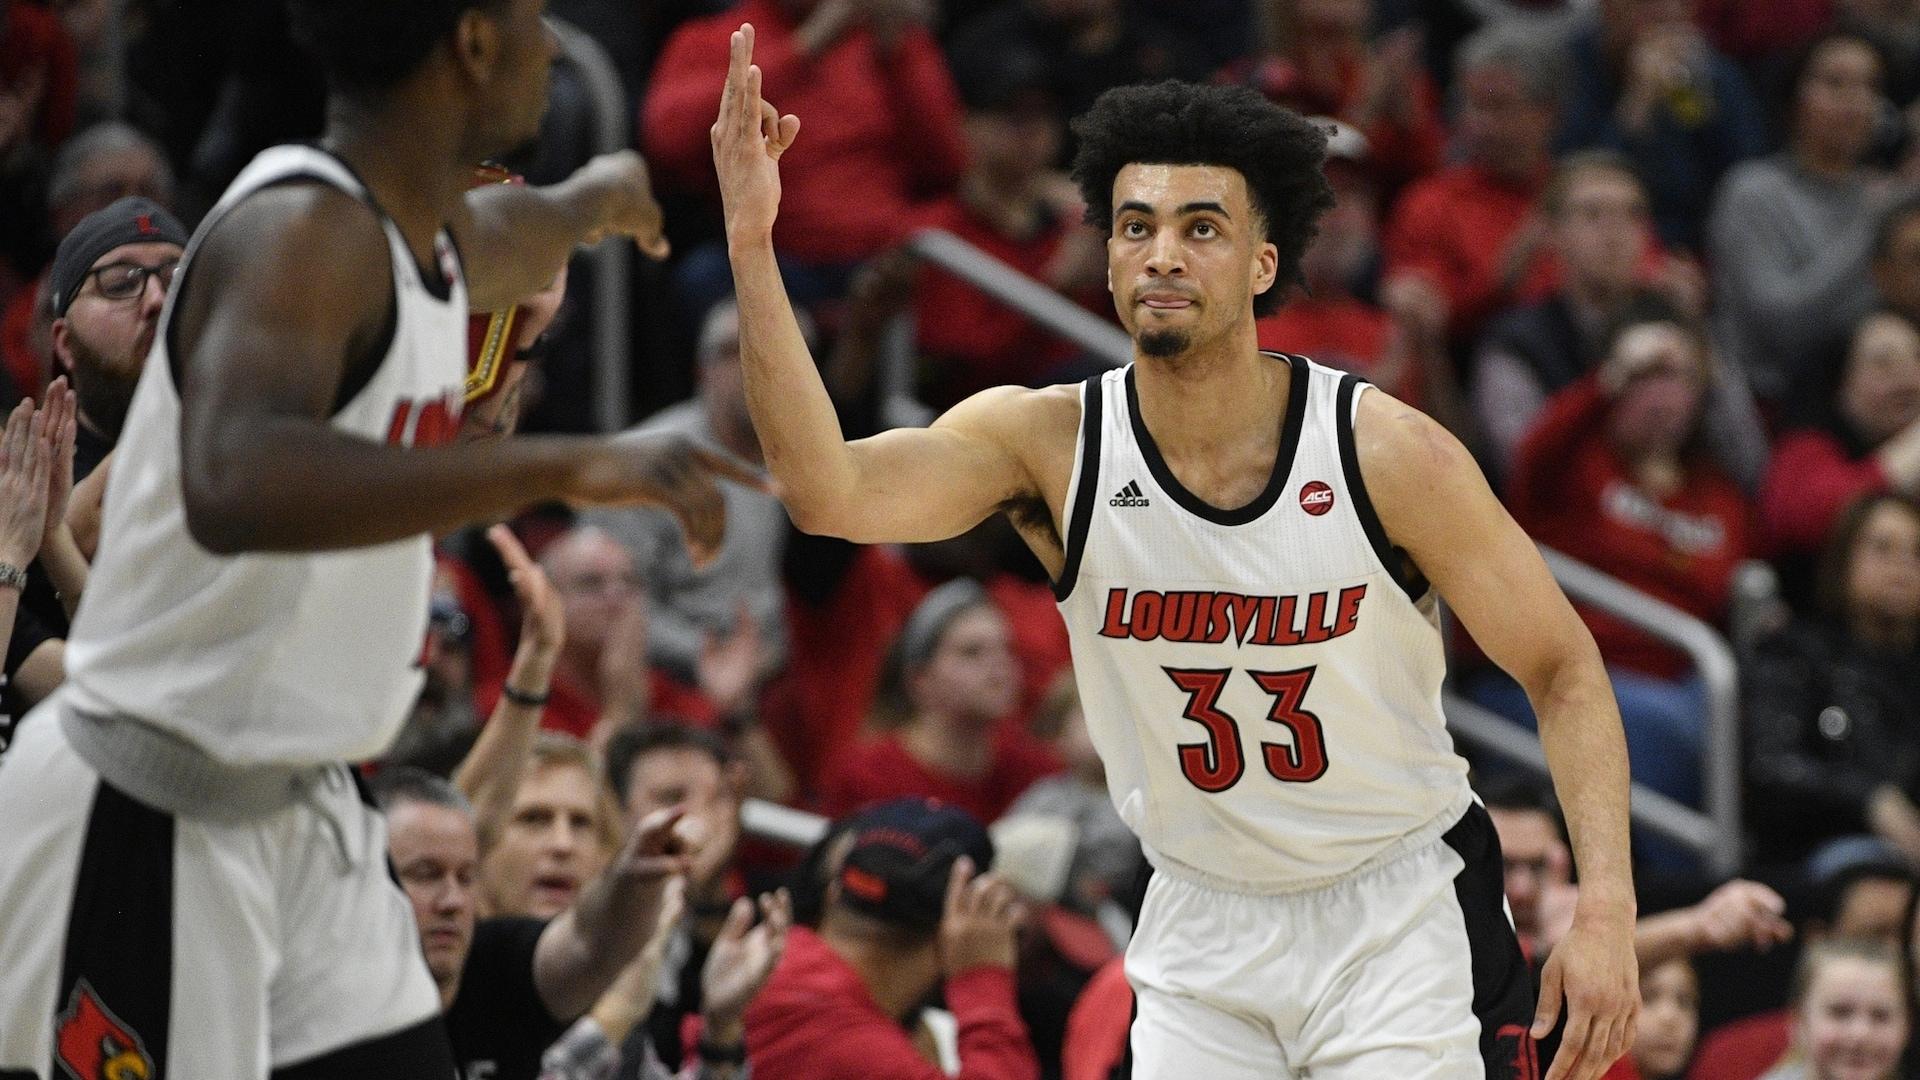 Louisville forward Jordan Nwora declares for NBA Draft